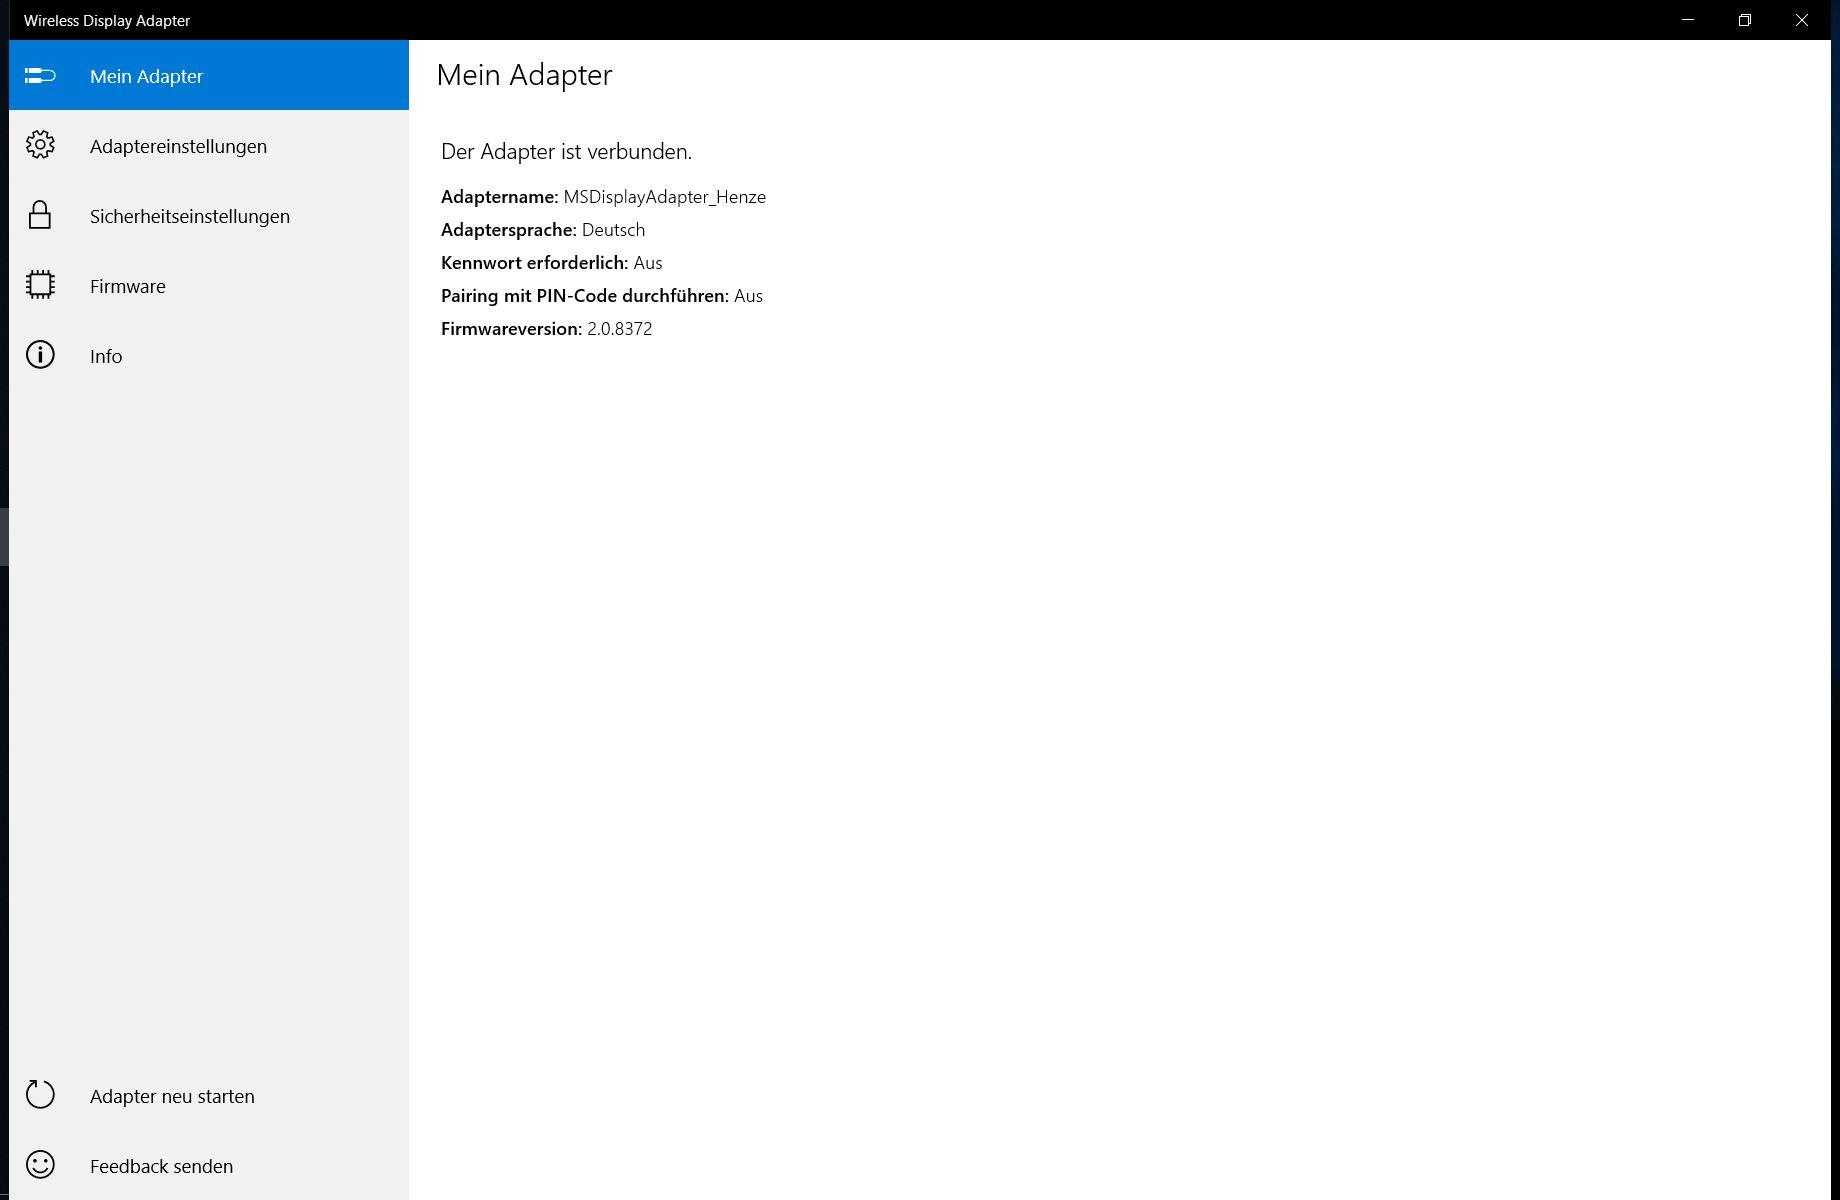 Microsoft Wireless Adapter - Übersicht